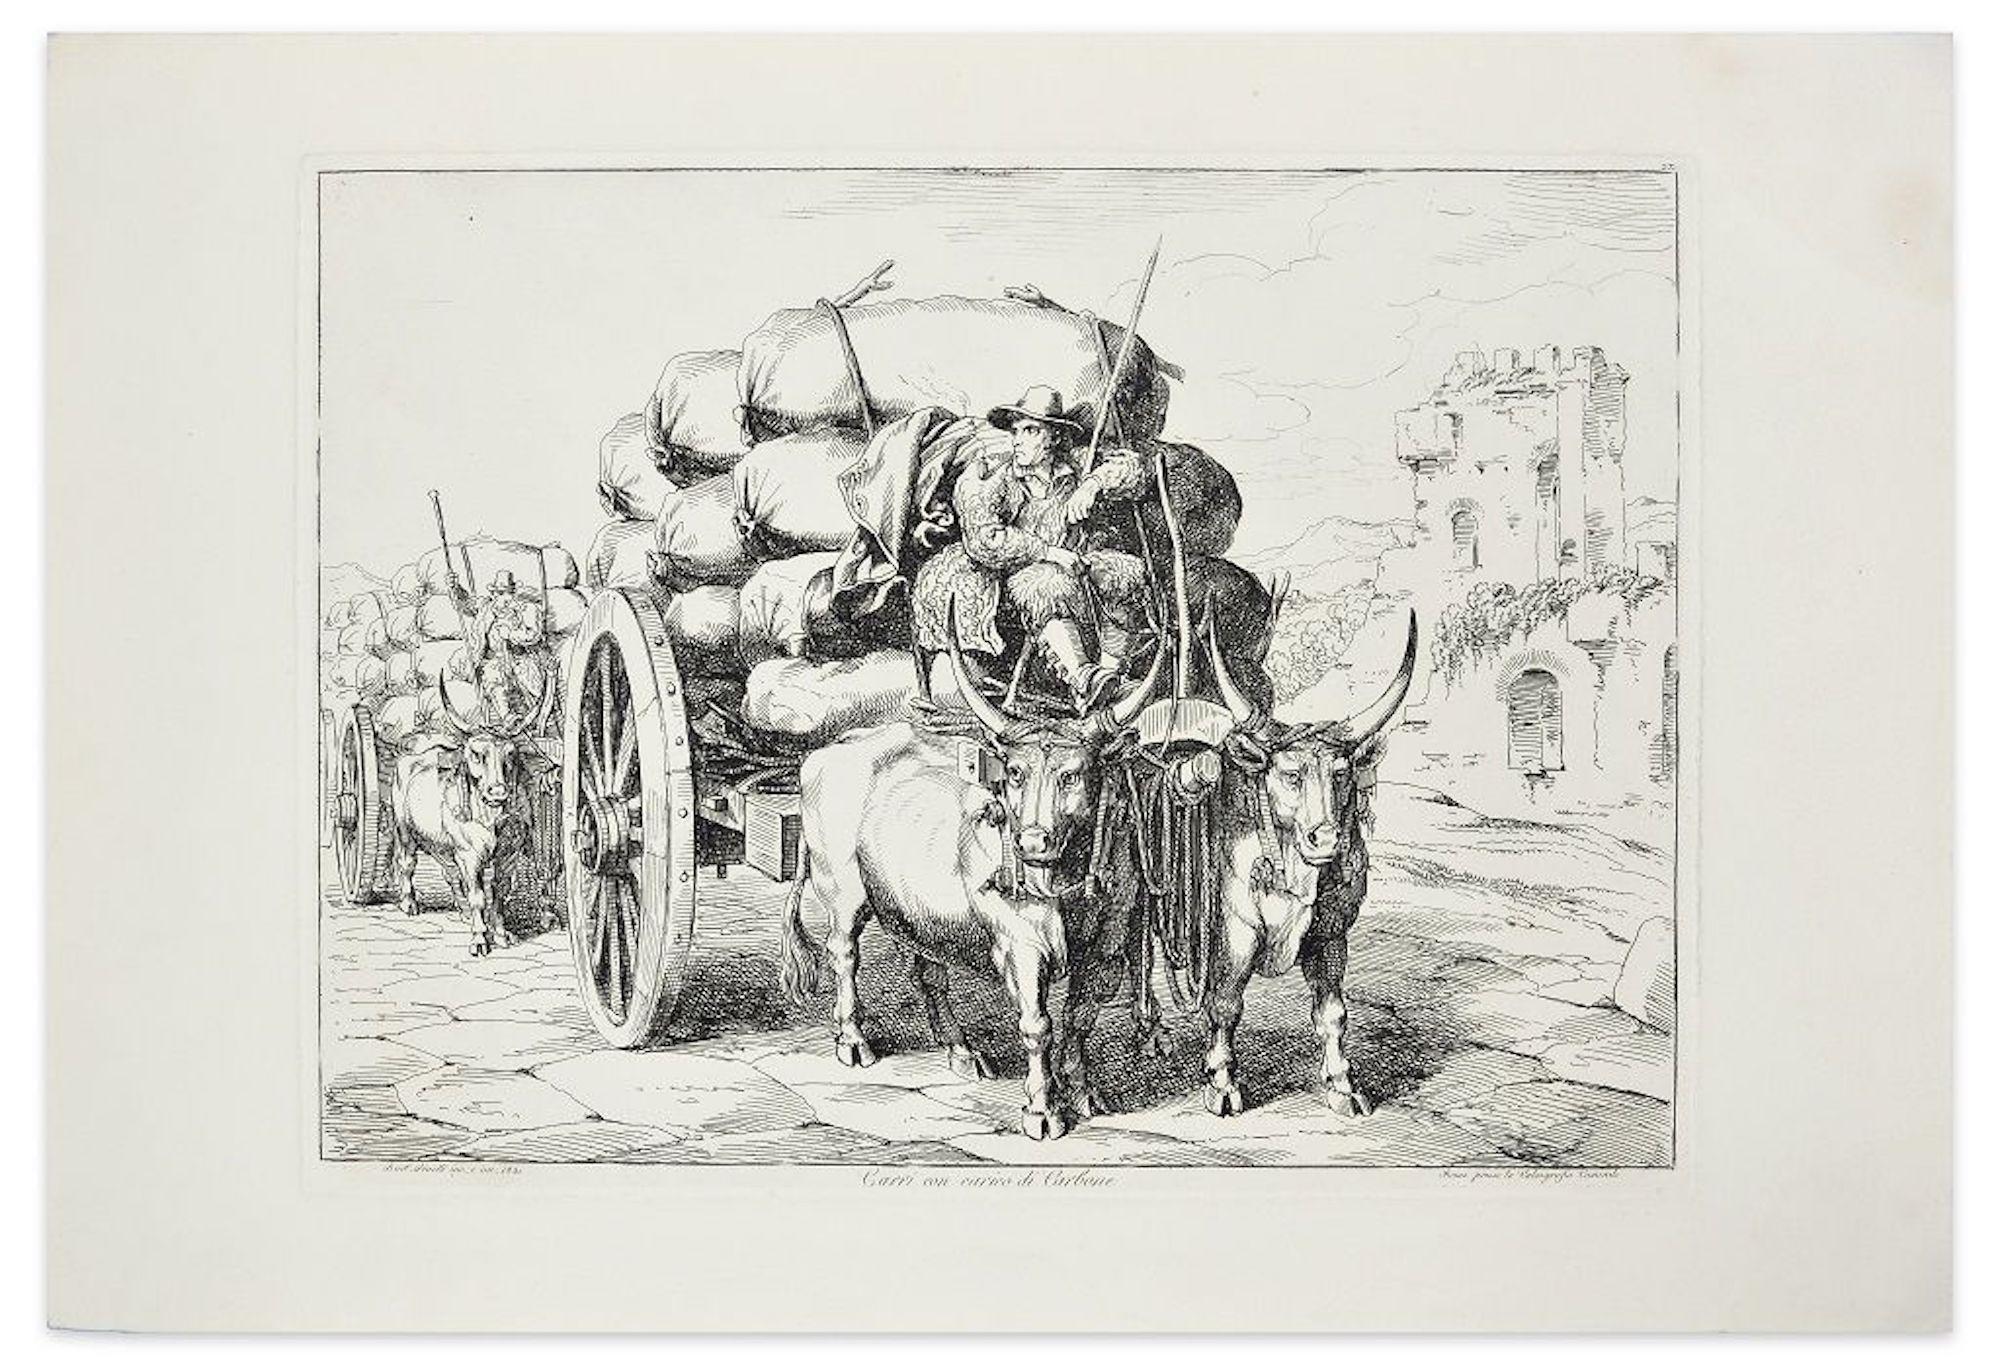 Carri con carico di Carbone - Original Etching by Bartolomeo Pinelli - 1831